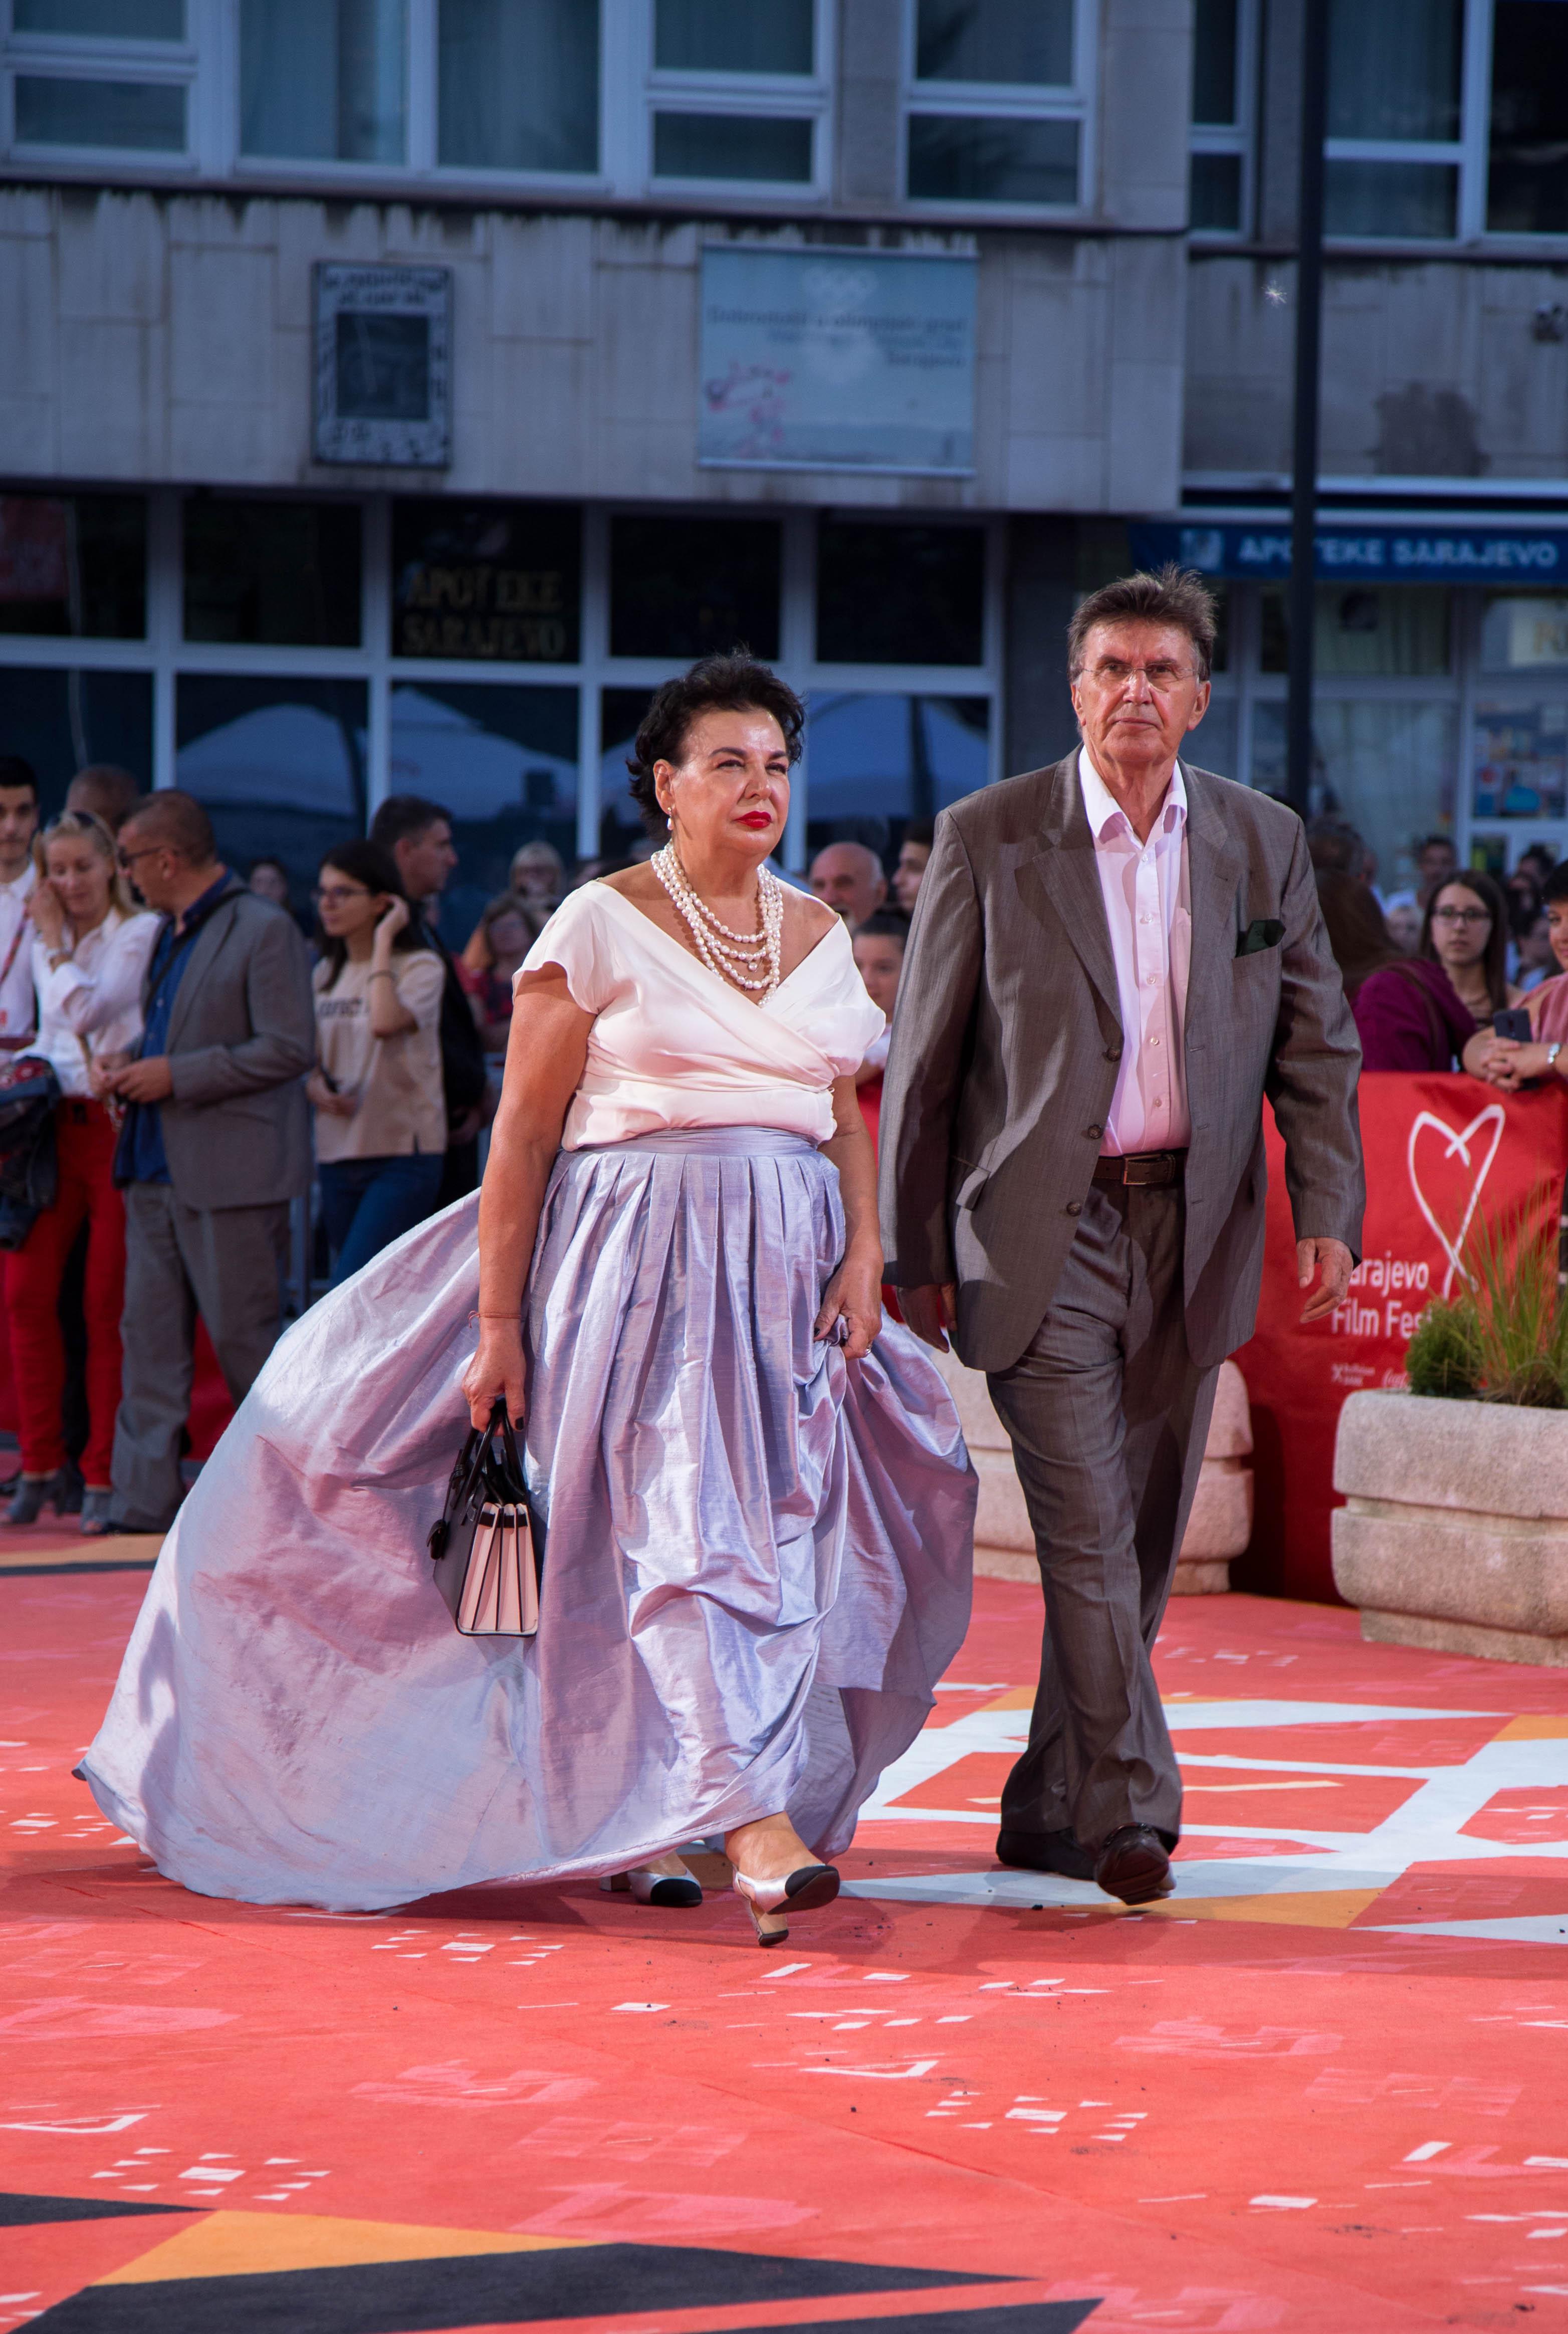 cetvrta noc sarajevo film festival senka catic (12)